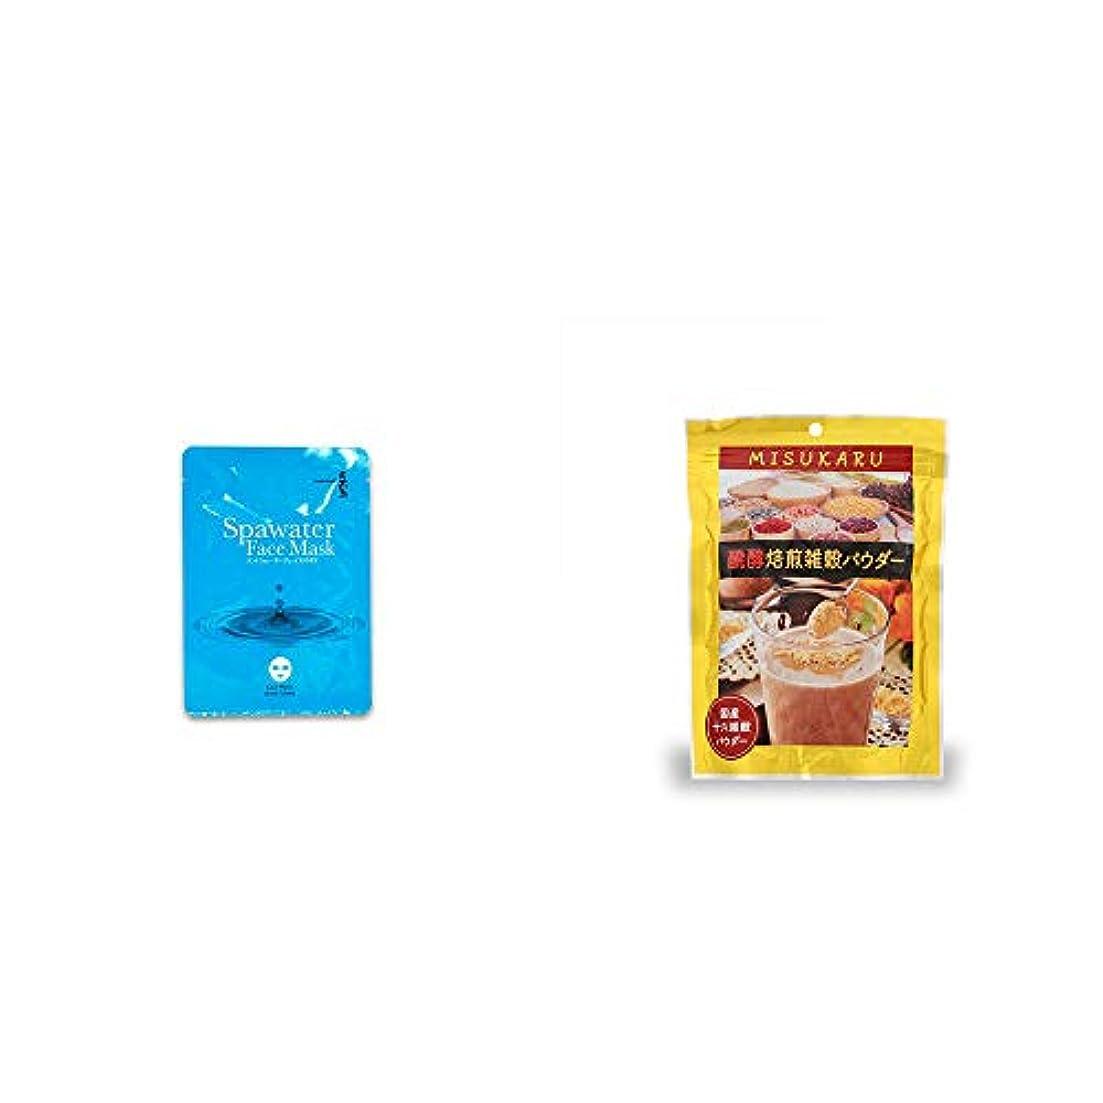 聖なる最もキャプテンブライ[2点セット] ひのき炭黒泉 スパウォーターフェイスマスク(18ml×3枚入)?醗酵焙煎雑穀パウダー MISUKARU(ミスカル)(200g)